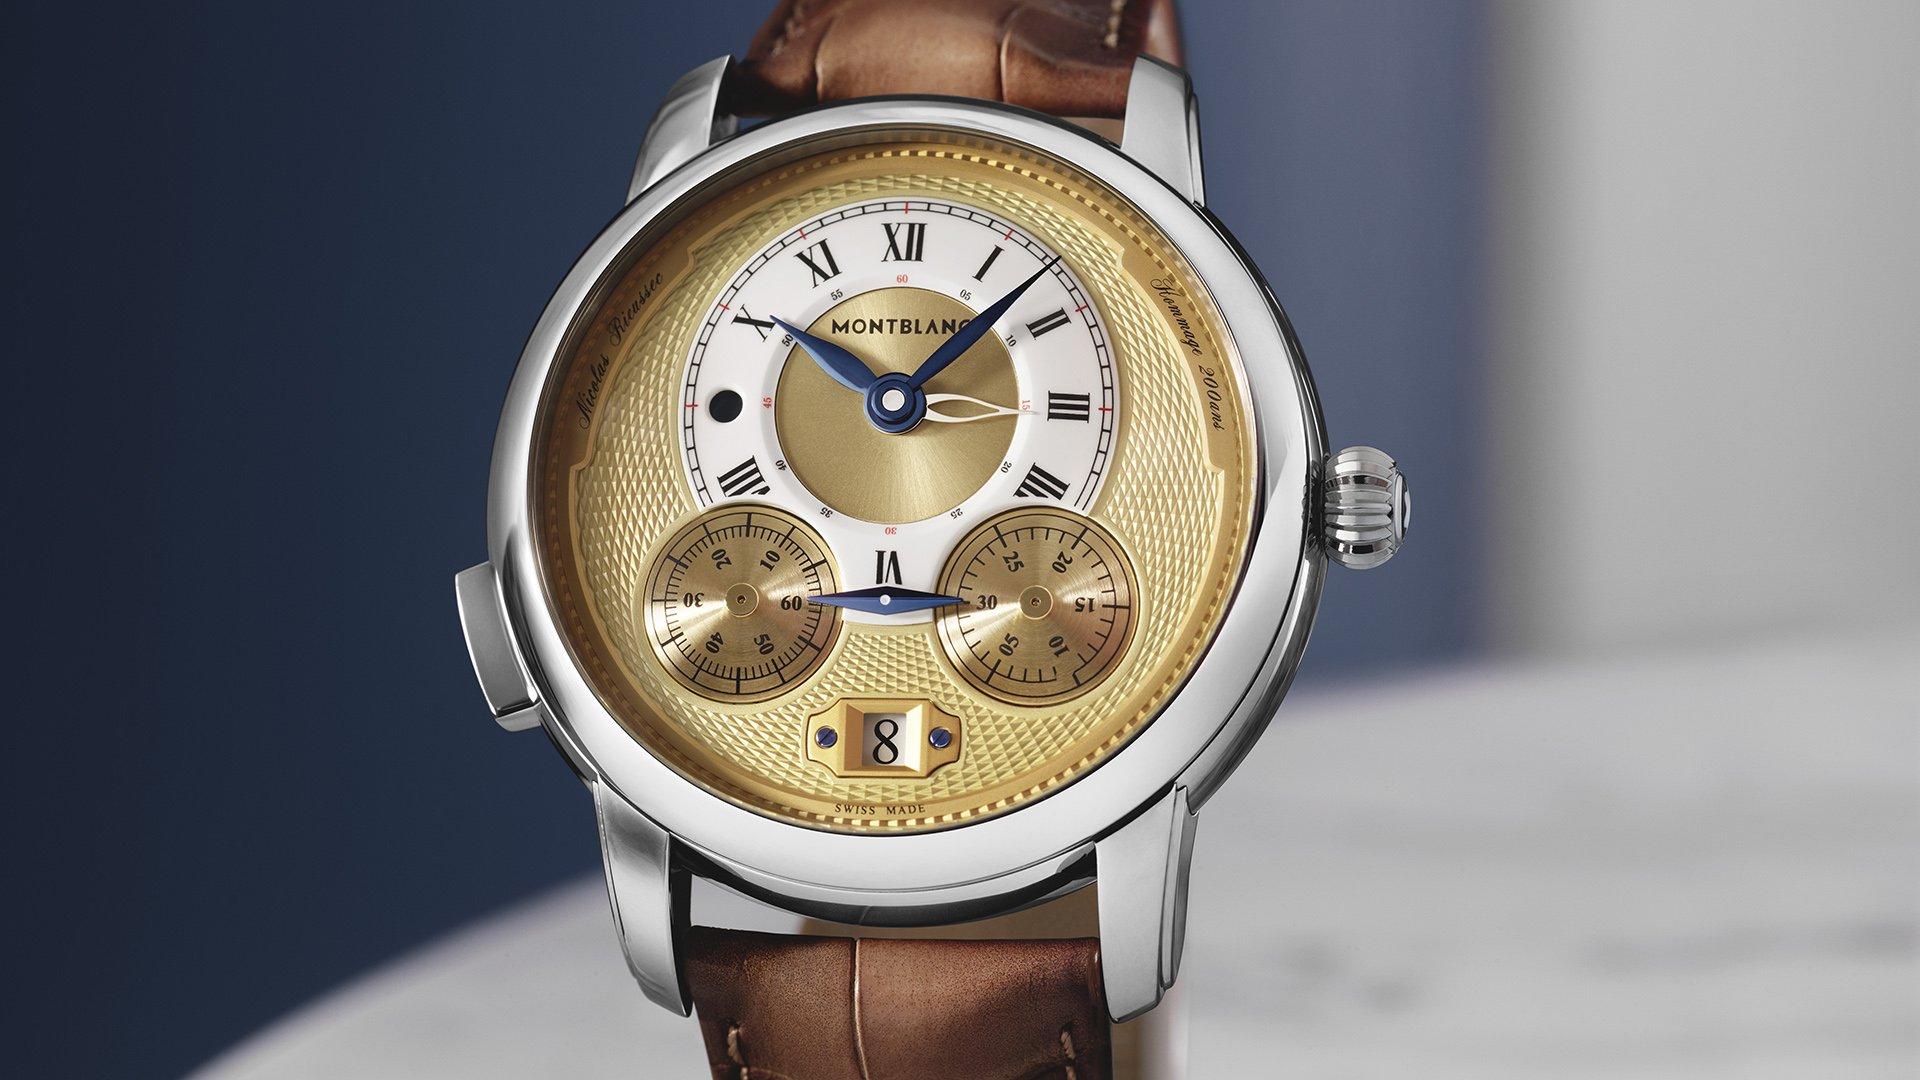 Montblanc представляет хронограф Star Legacy Nicolas Rieussec Chronograph ограниченной серией 200 часов